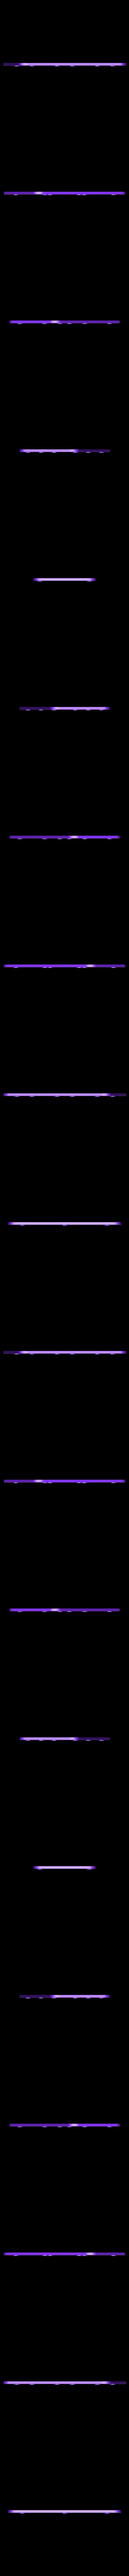 FrontMountElectronicsEnclosureLid.STL Télécharger fichier STL gratuit Boîtier électronique avec languettes de montage • Objet pour impression 3D, TikiLuke